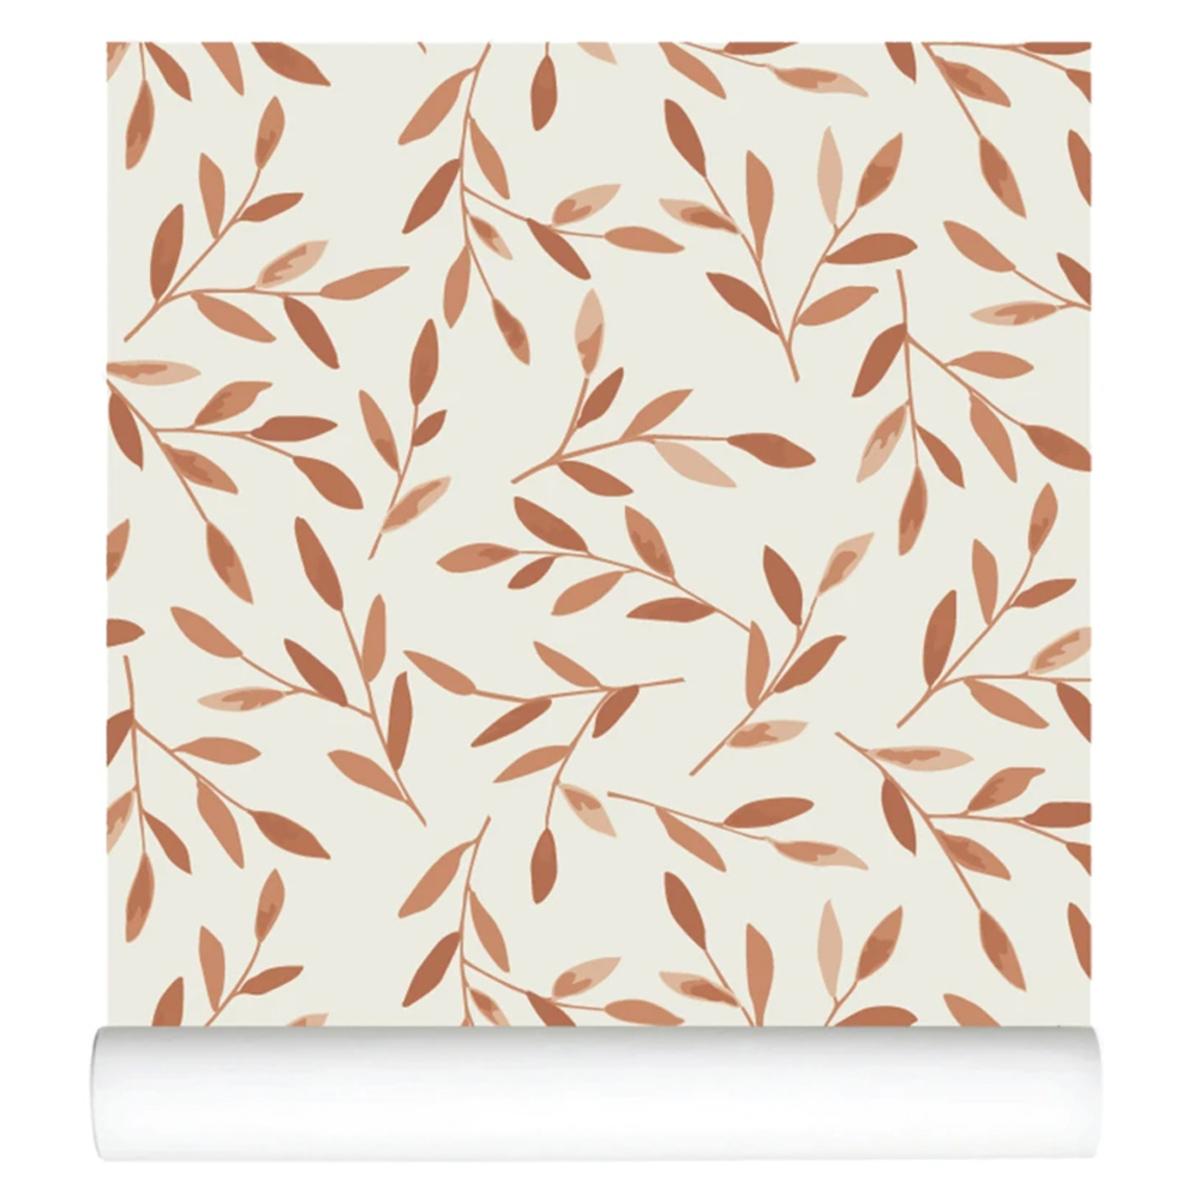 Papier peint Papier Peint - Caramel Leaves Papier Peint - Caramel Leaves